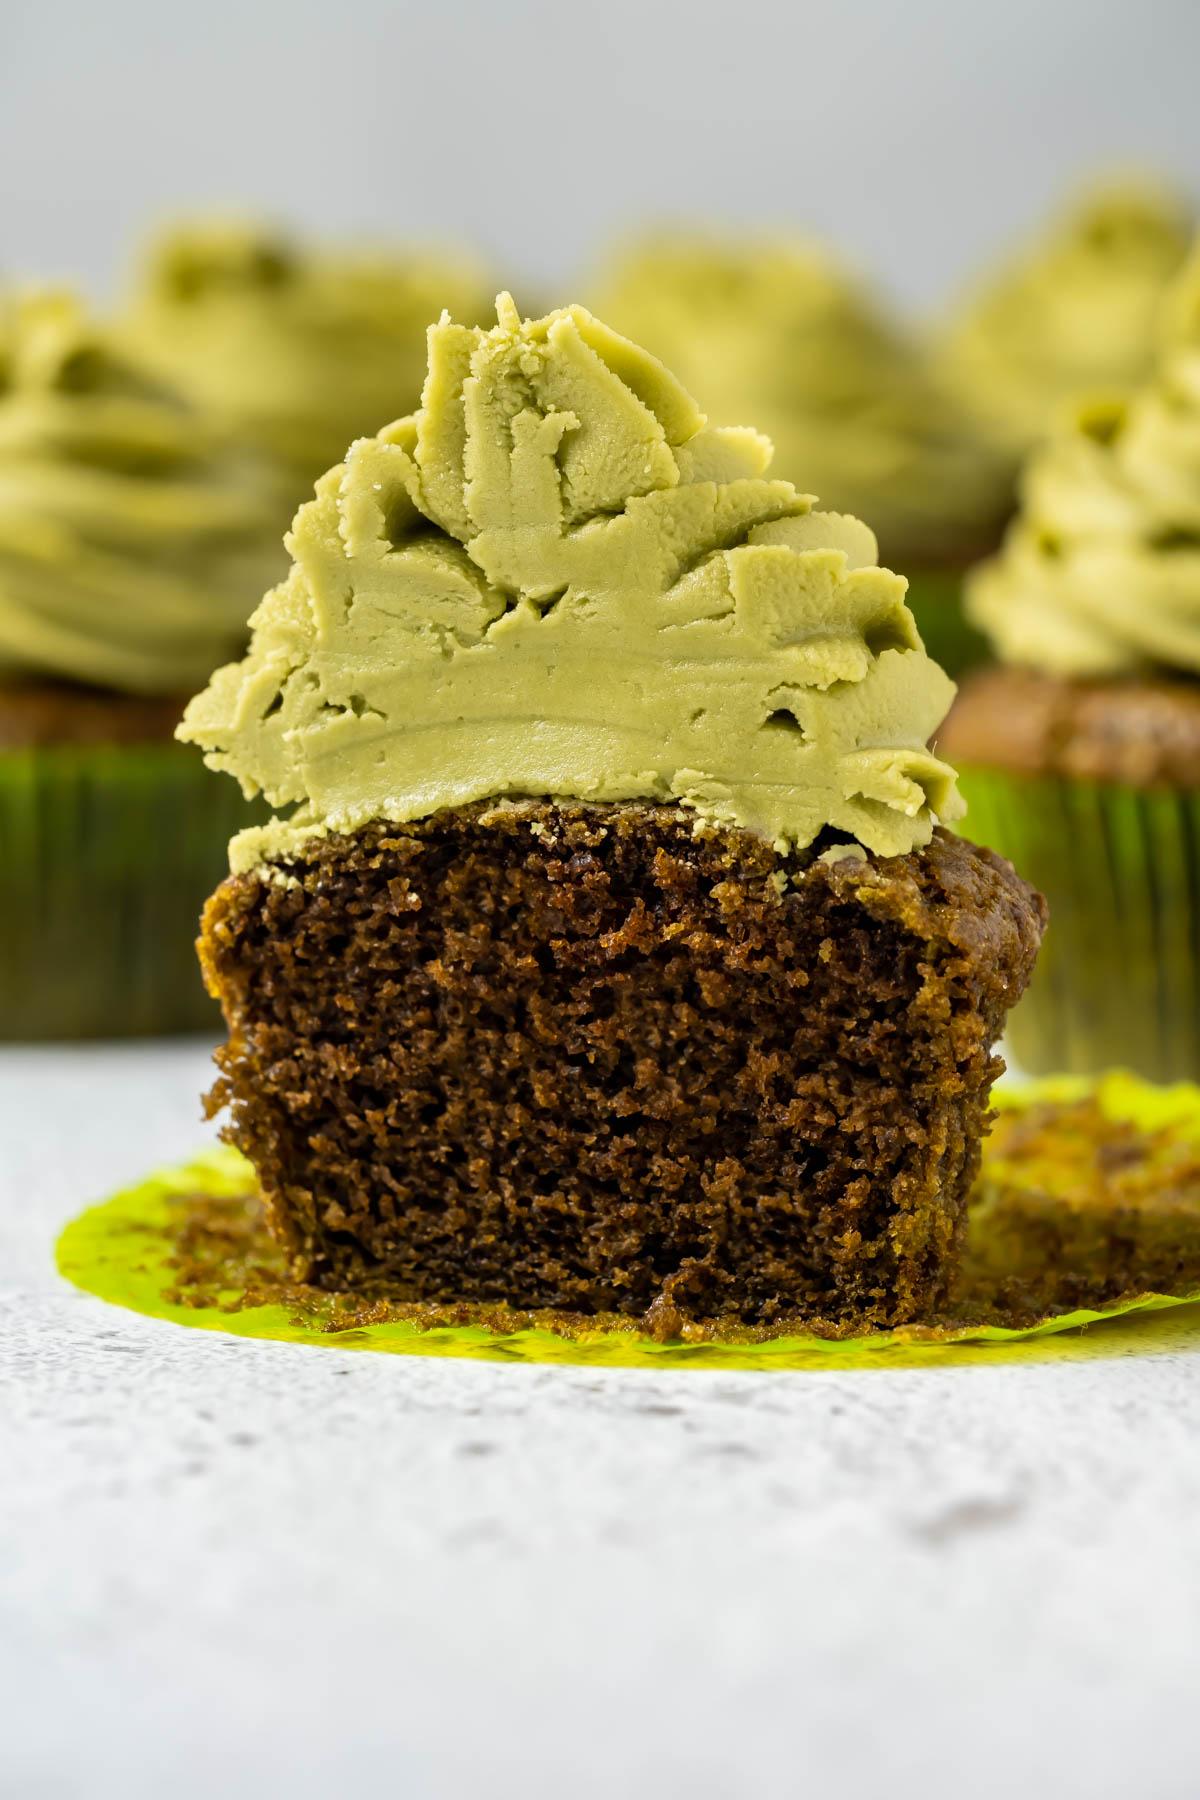 Vegan matcha cupcake cut in half.